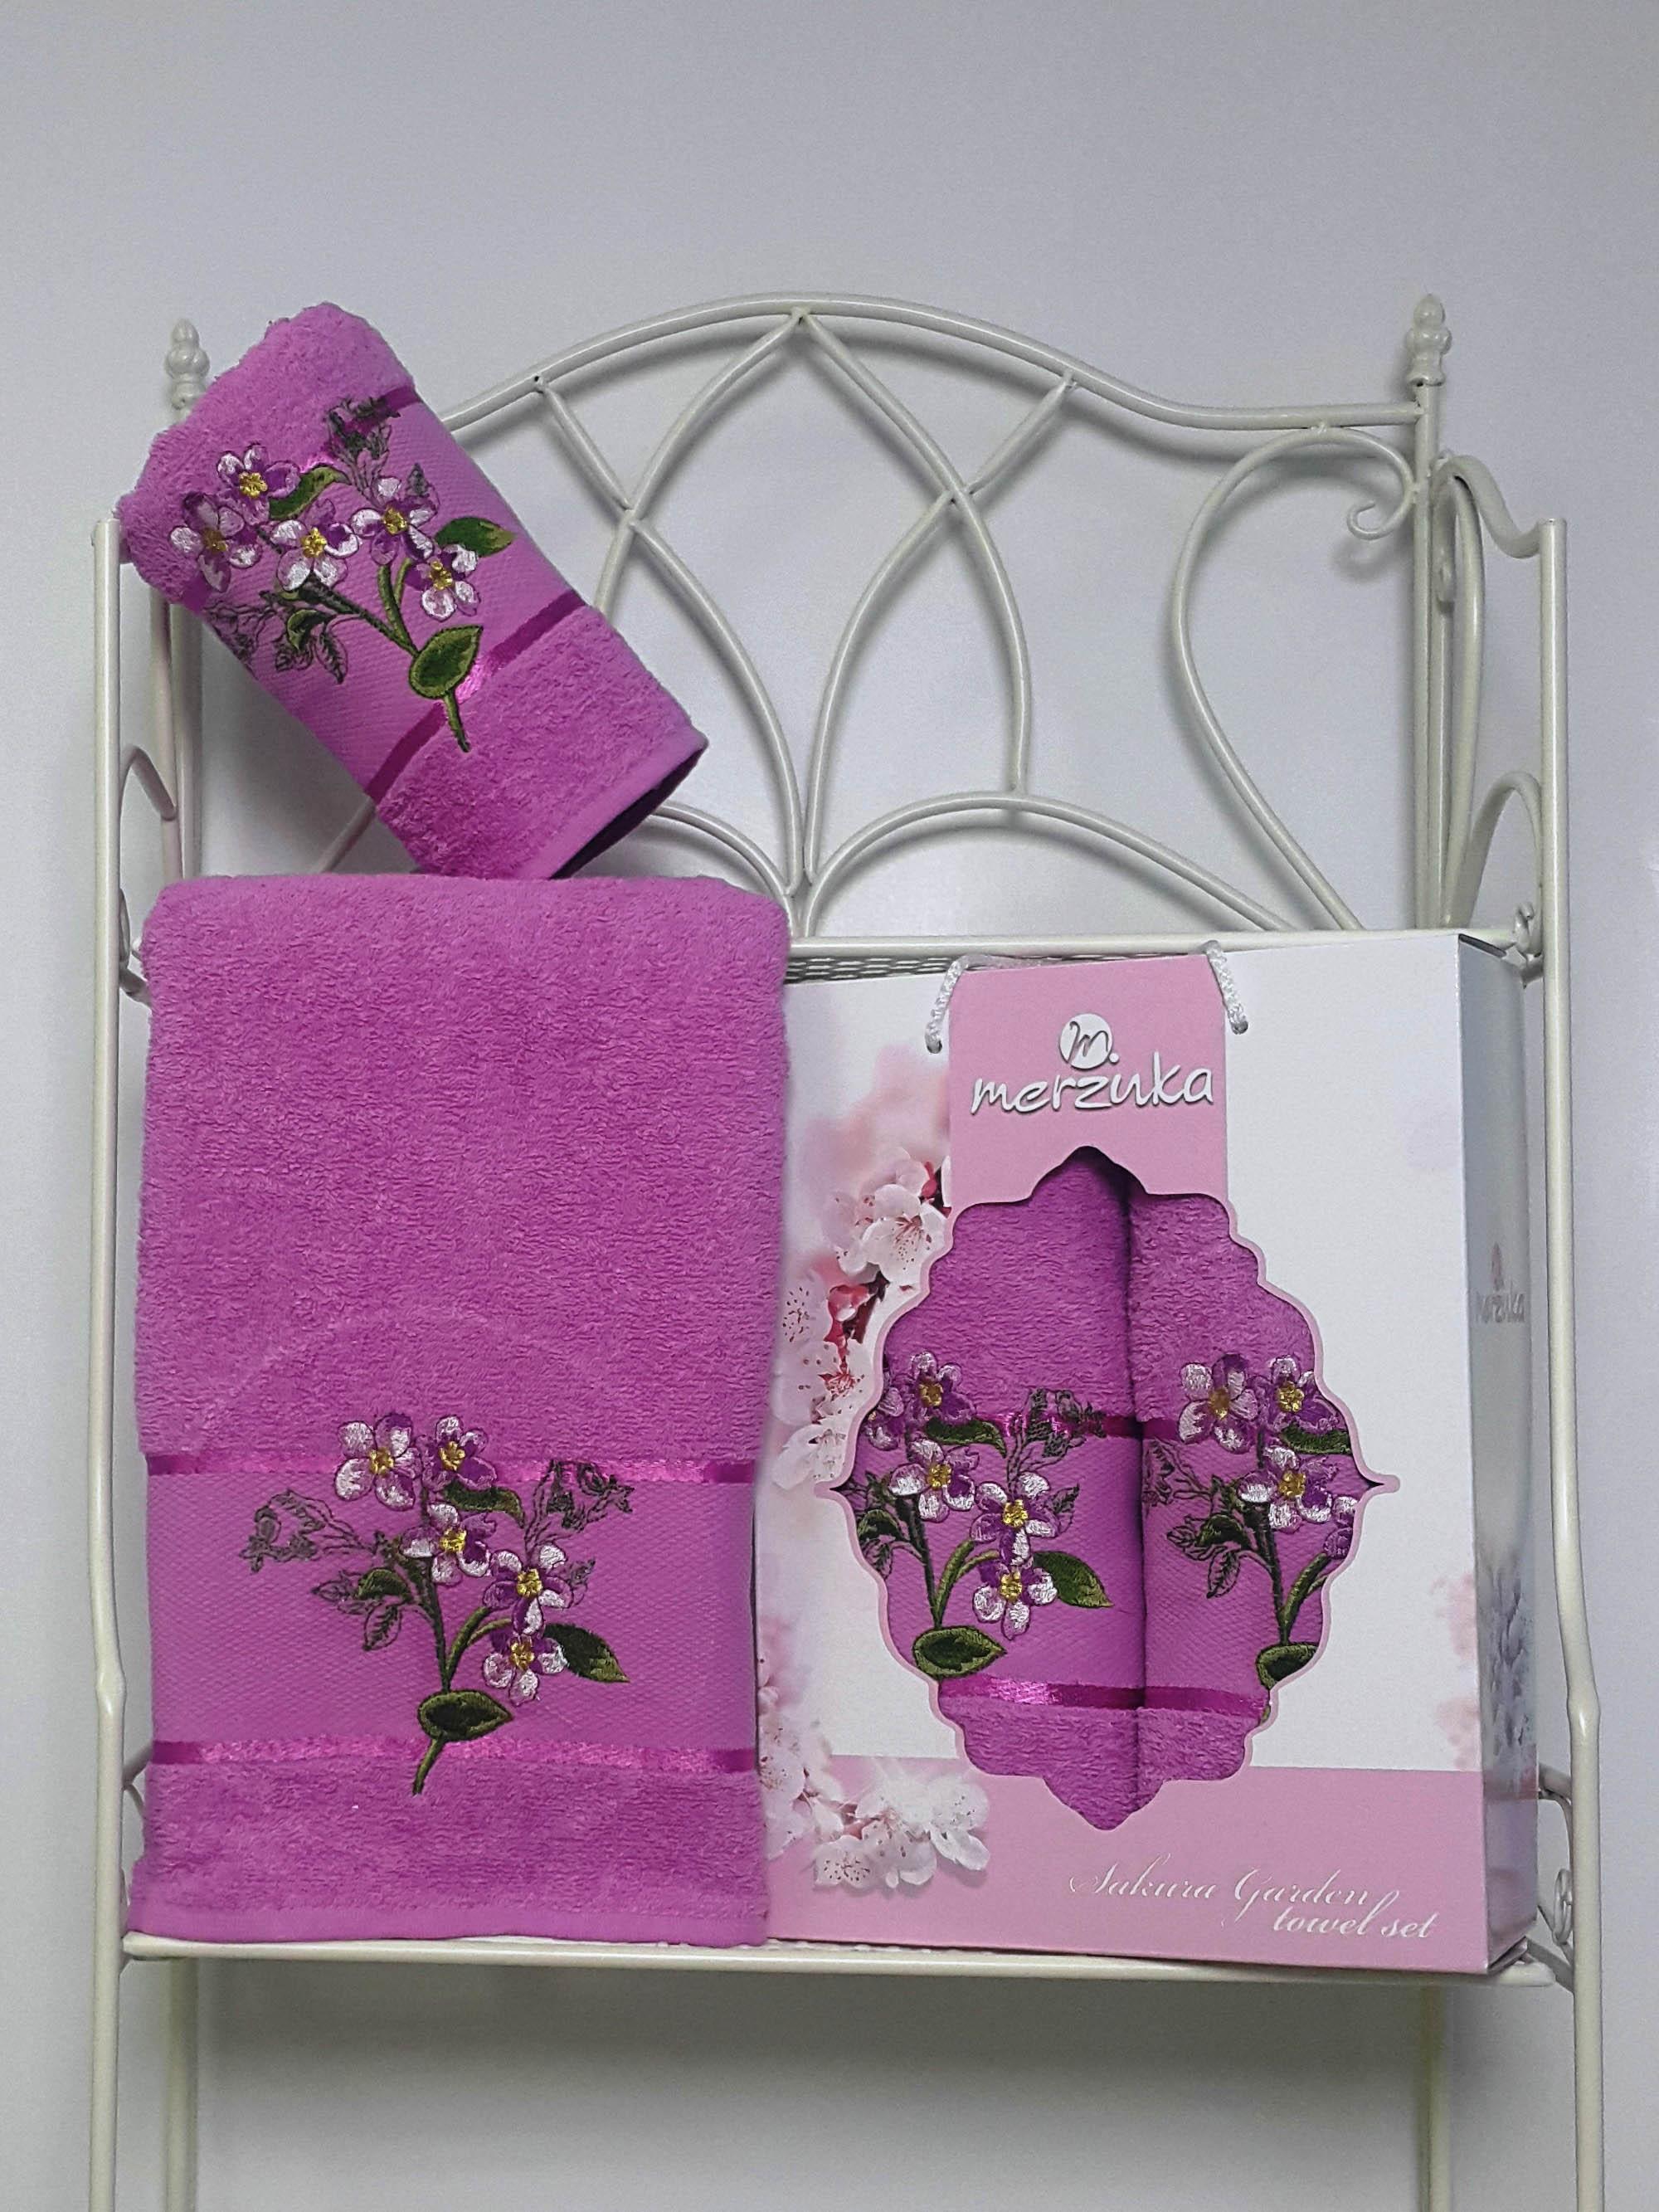 Полотенца Oran Merzuka Набор из 2 полотенец Sakura Garden Цвет: Светло-Лиловый полотенца oran merzuka набор из 3 полотенец sakura цвет зелёный